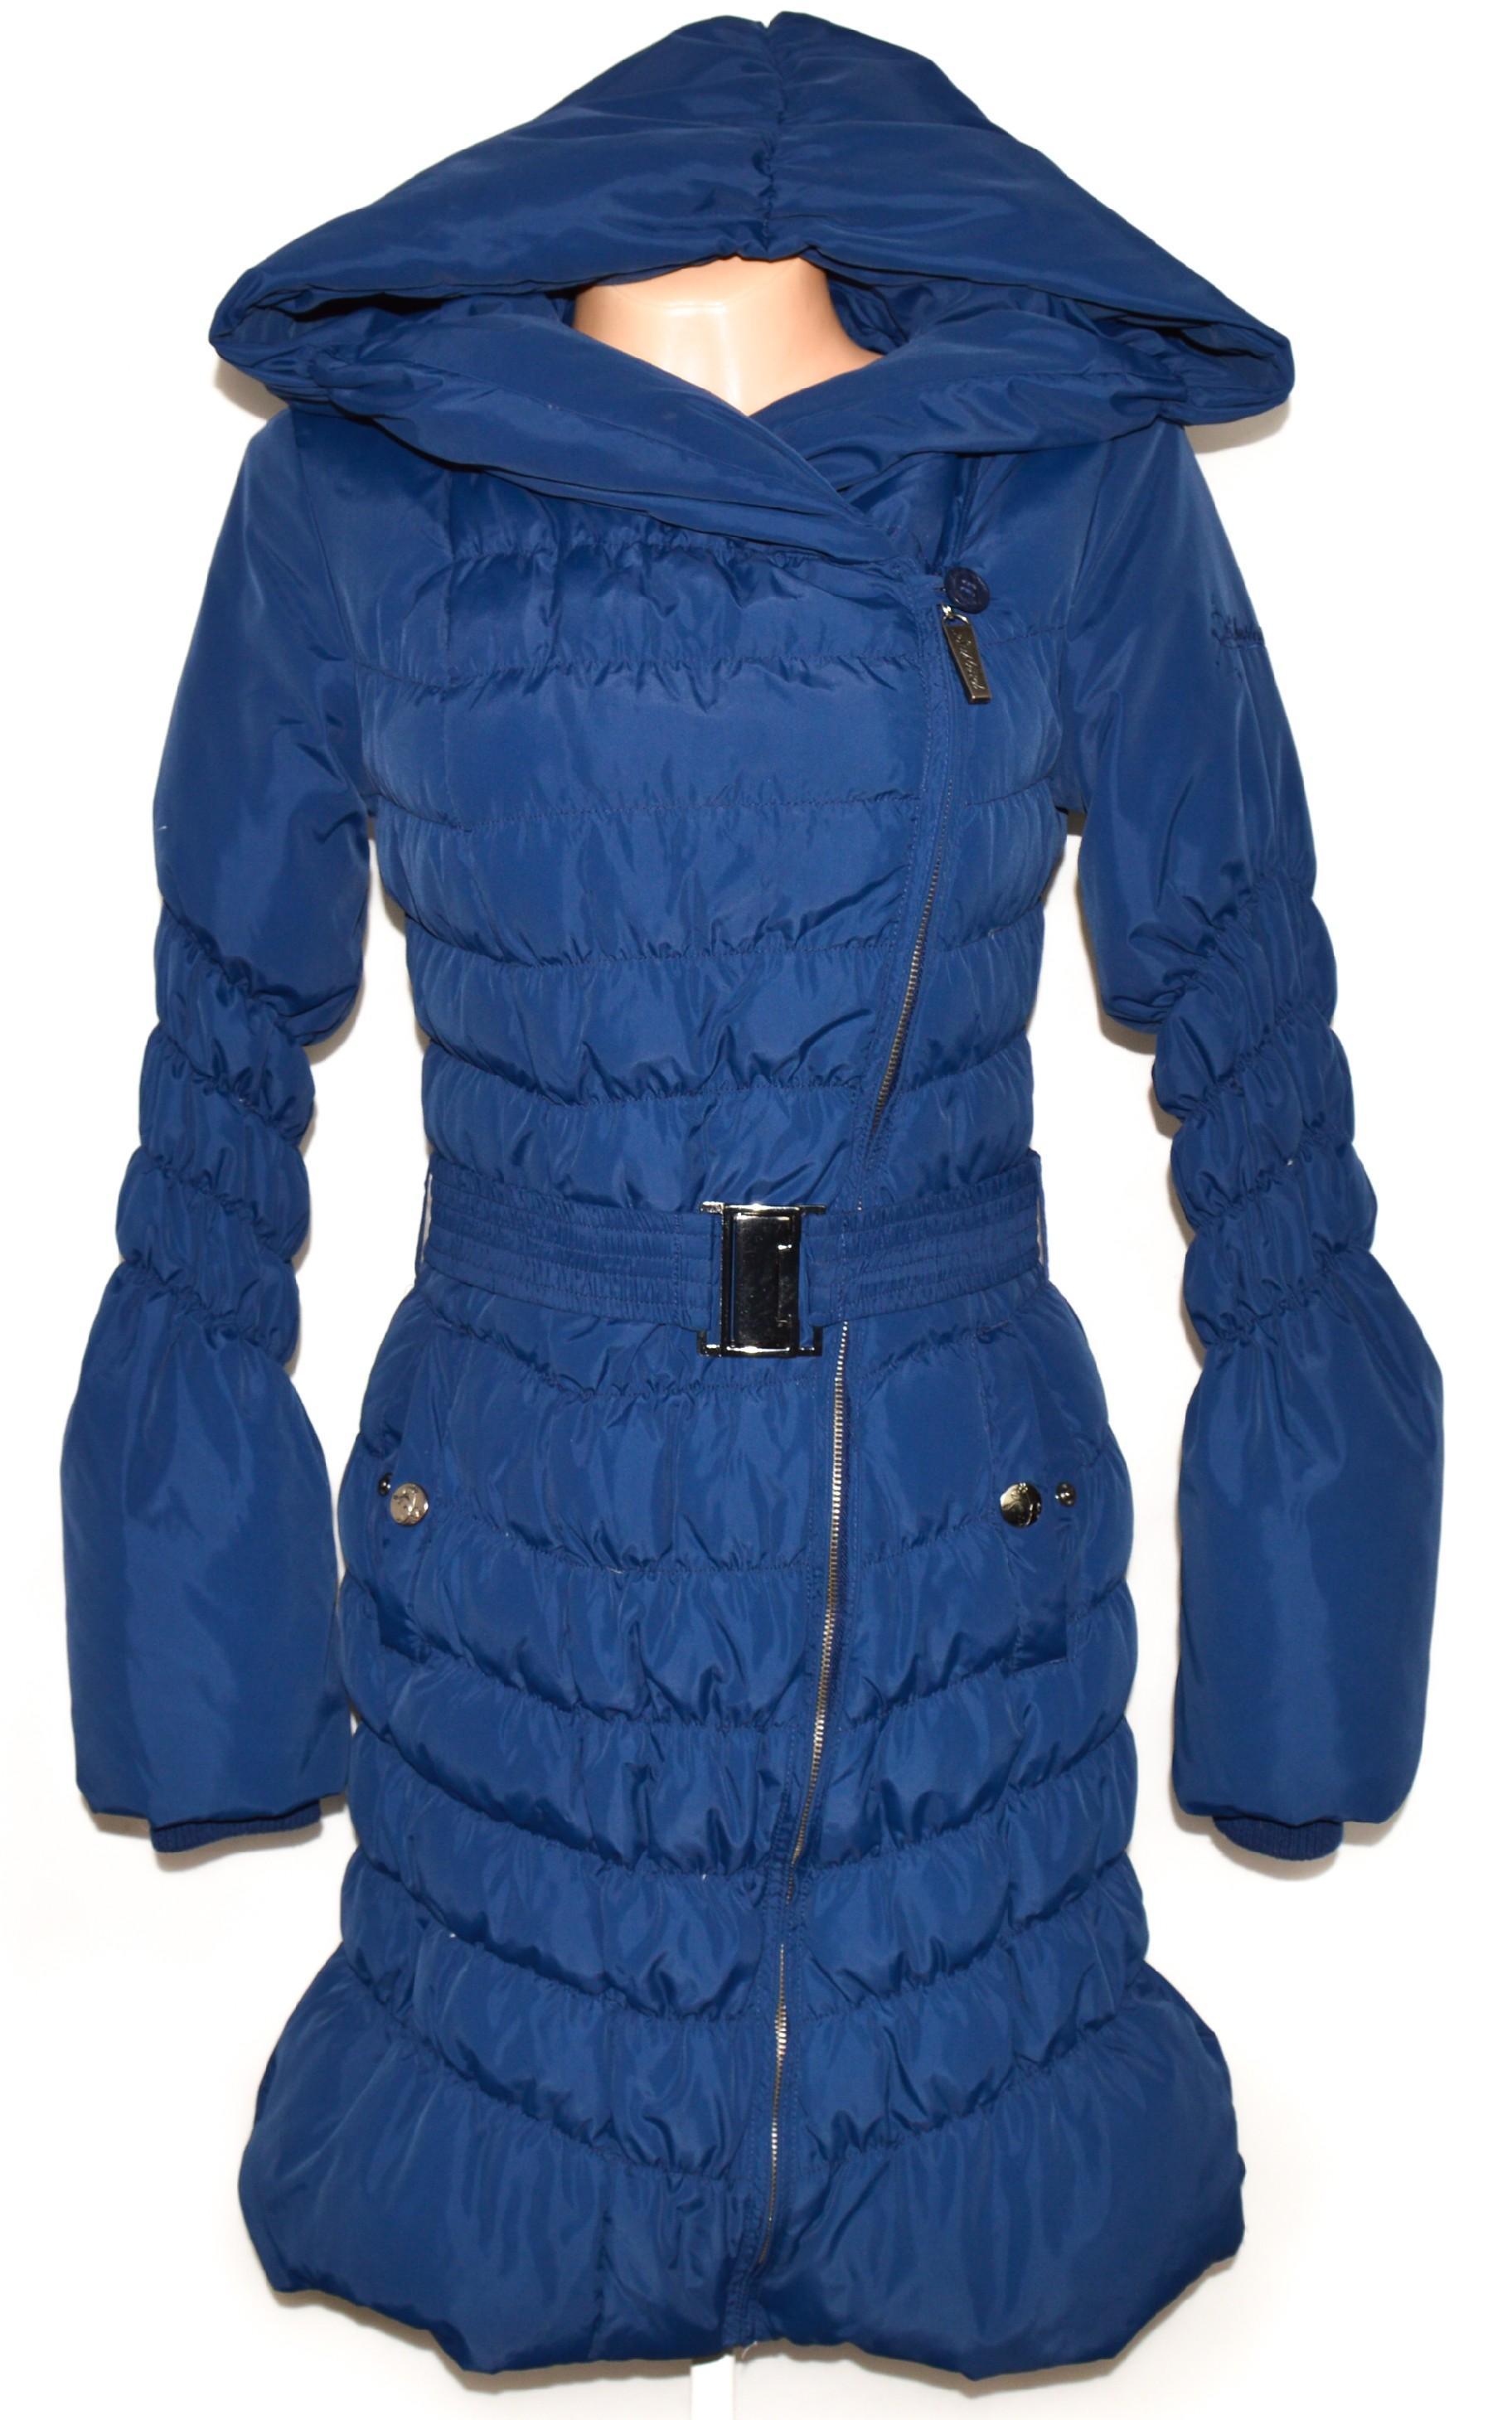 Péřový dámský modrý dlouhý šusťákový modrý kabát s páskem a kapucí SUBLEVEL S